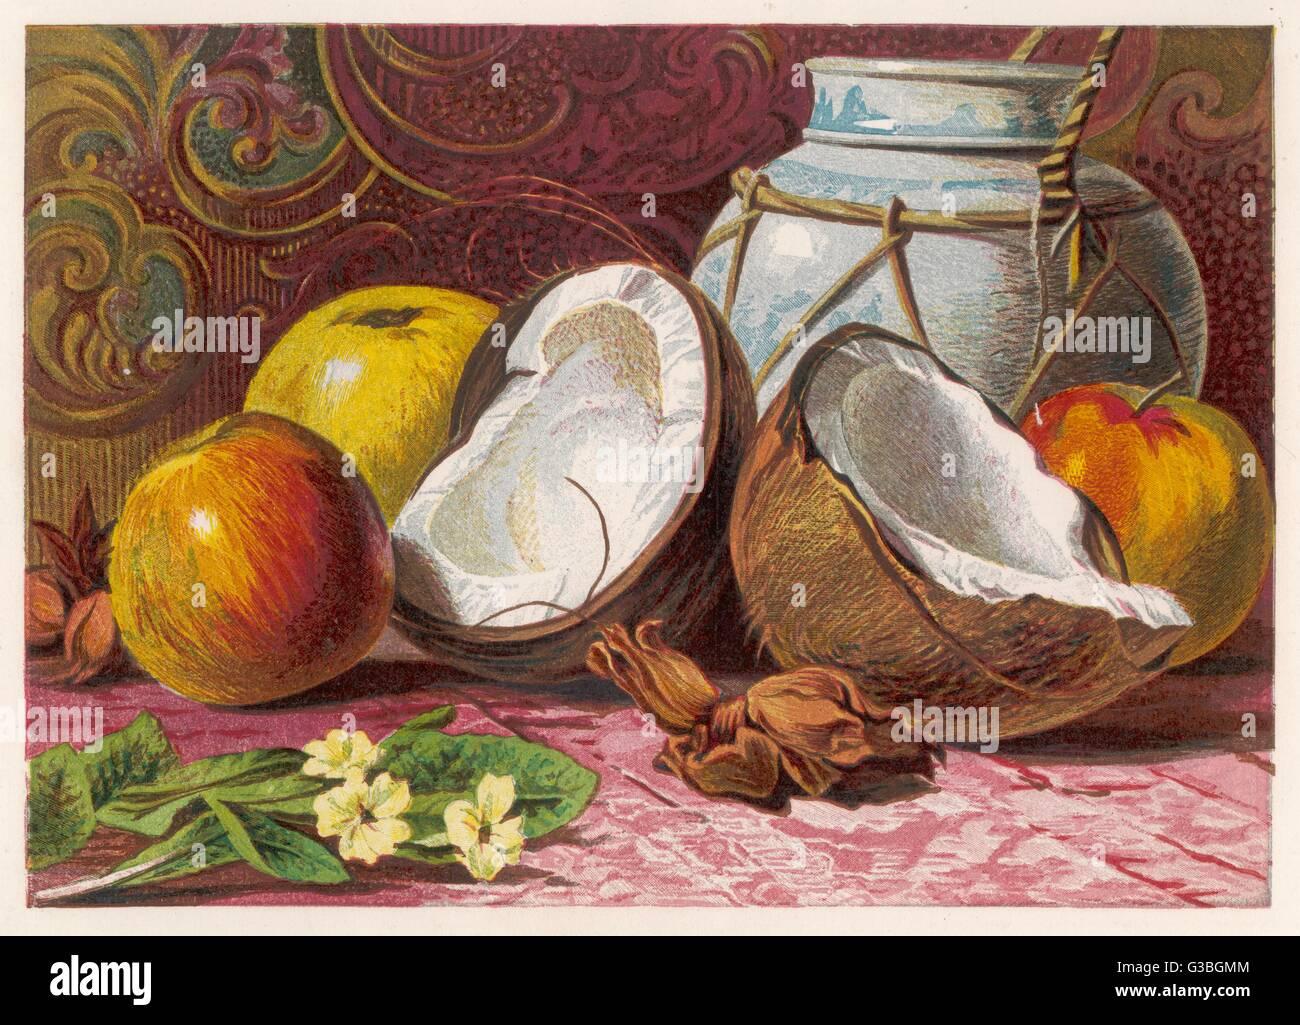 Une nature morte montrant une noix de coco - coupés en deux et quelques pommes. Date: 1861 Photo Stock